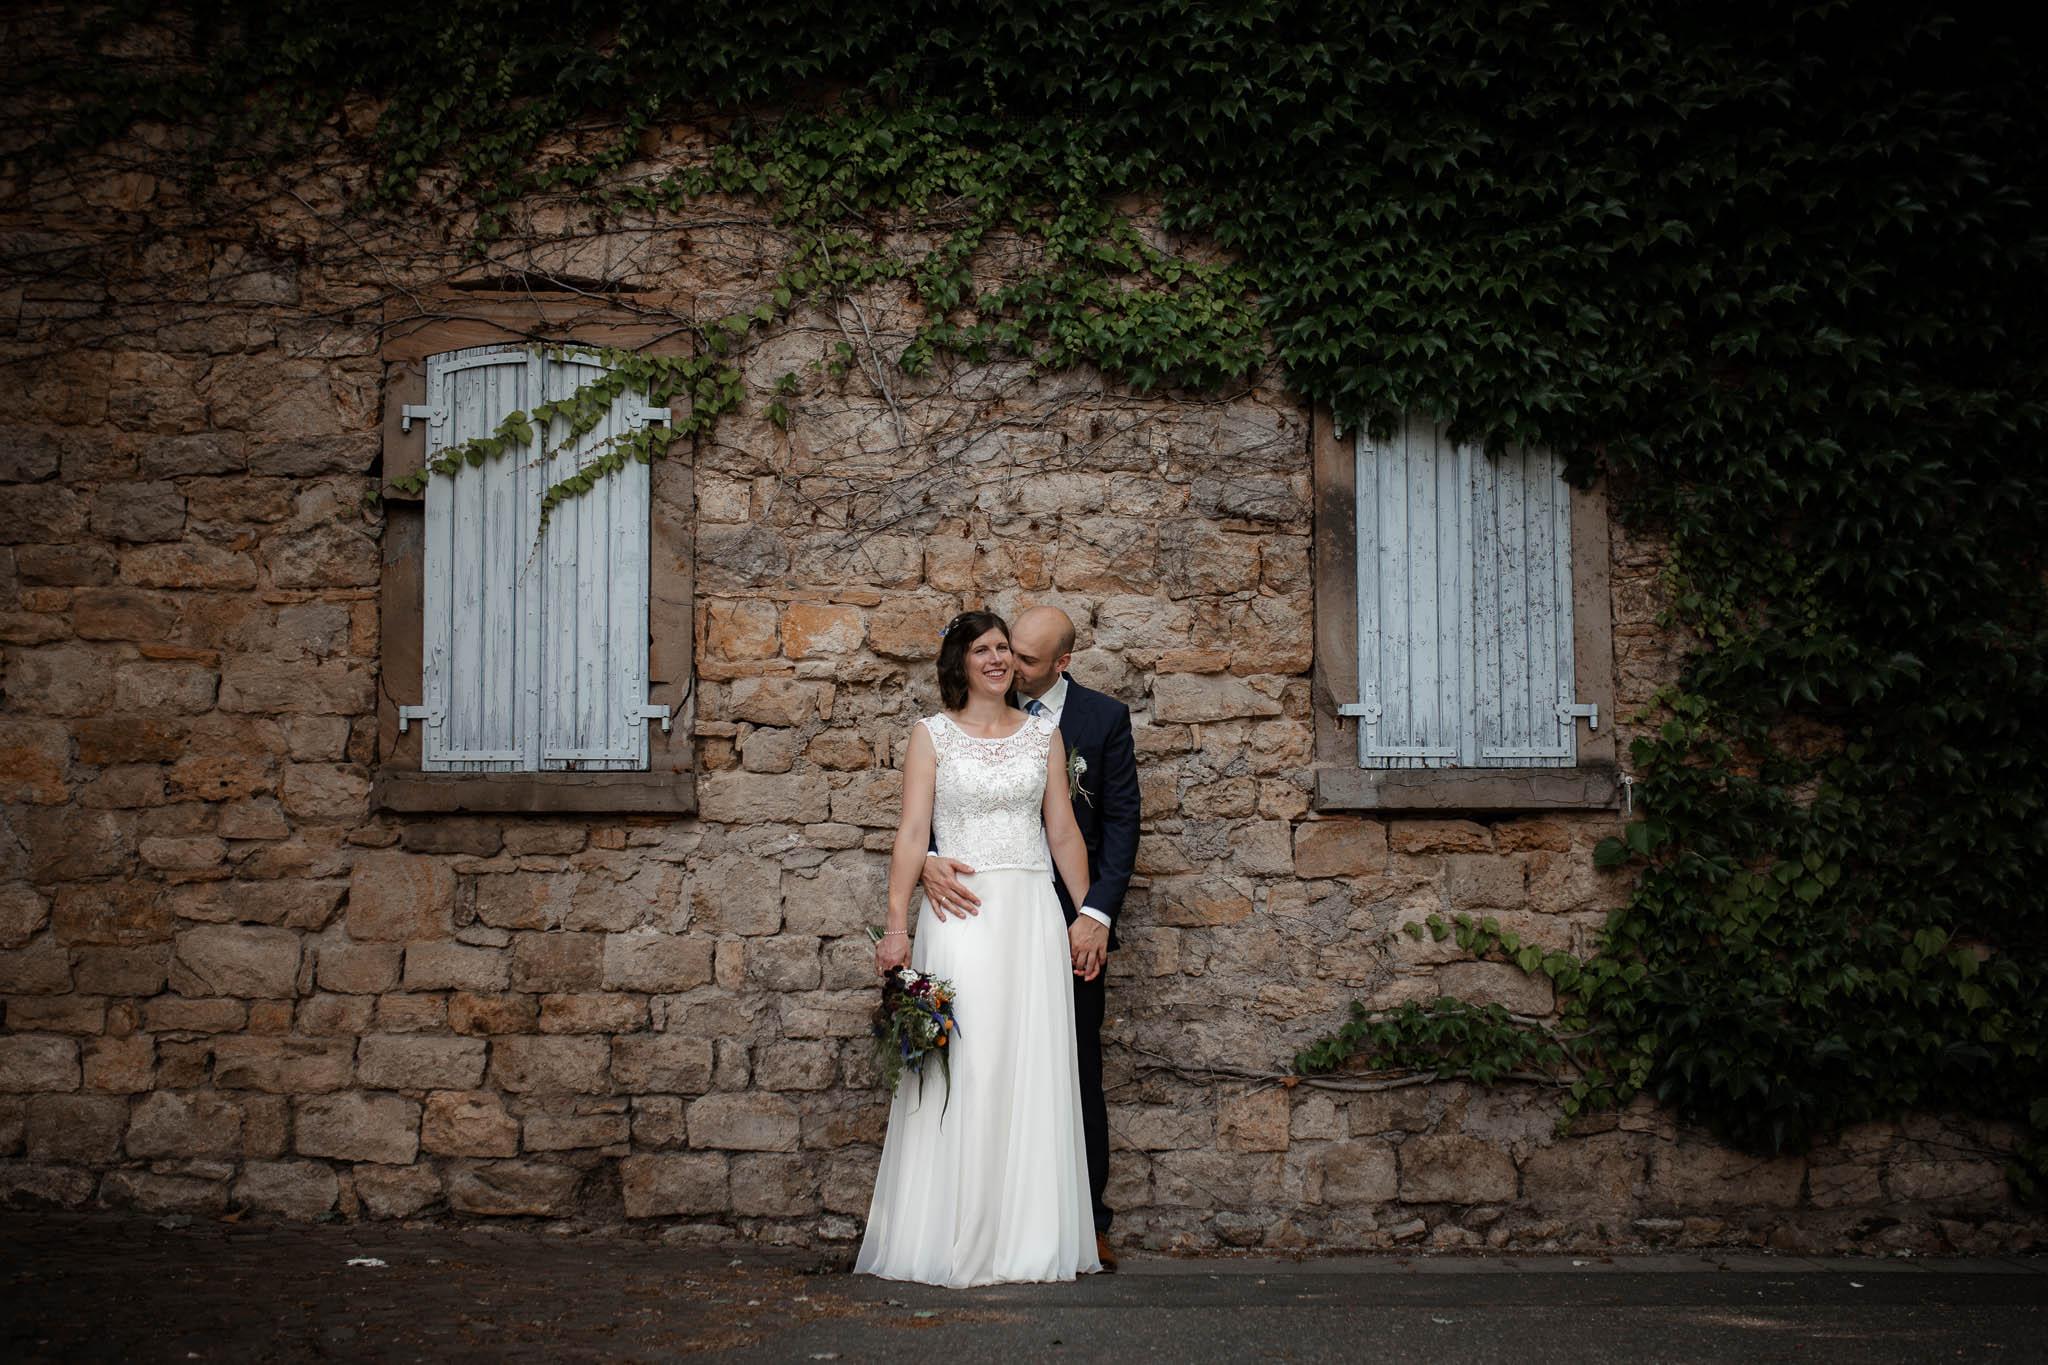 Hochzeitsfotograf Guntersblum, Domhof - Hochzeit von Ina & Johannes 61